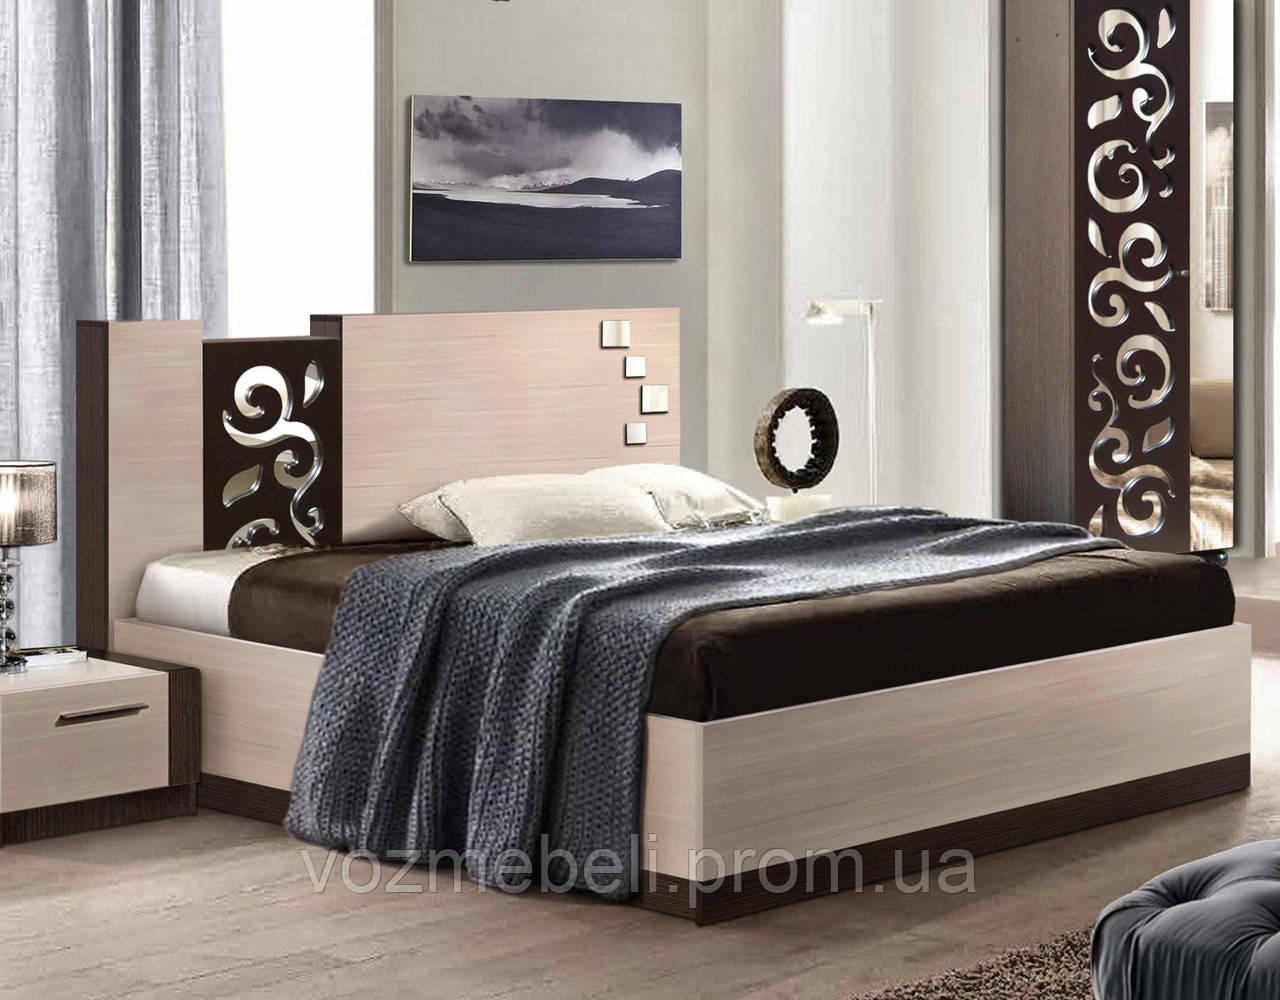 Кровать Сага 160 с каркасом  /МастерФорм/